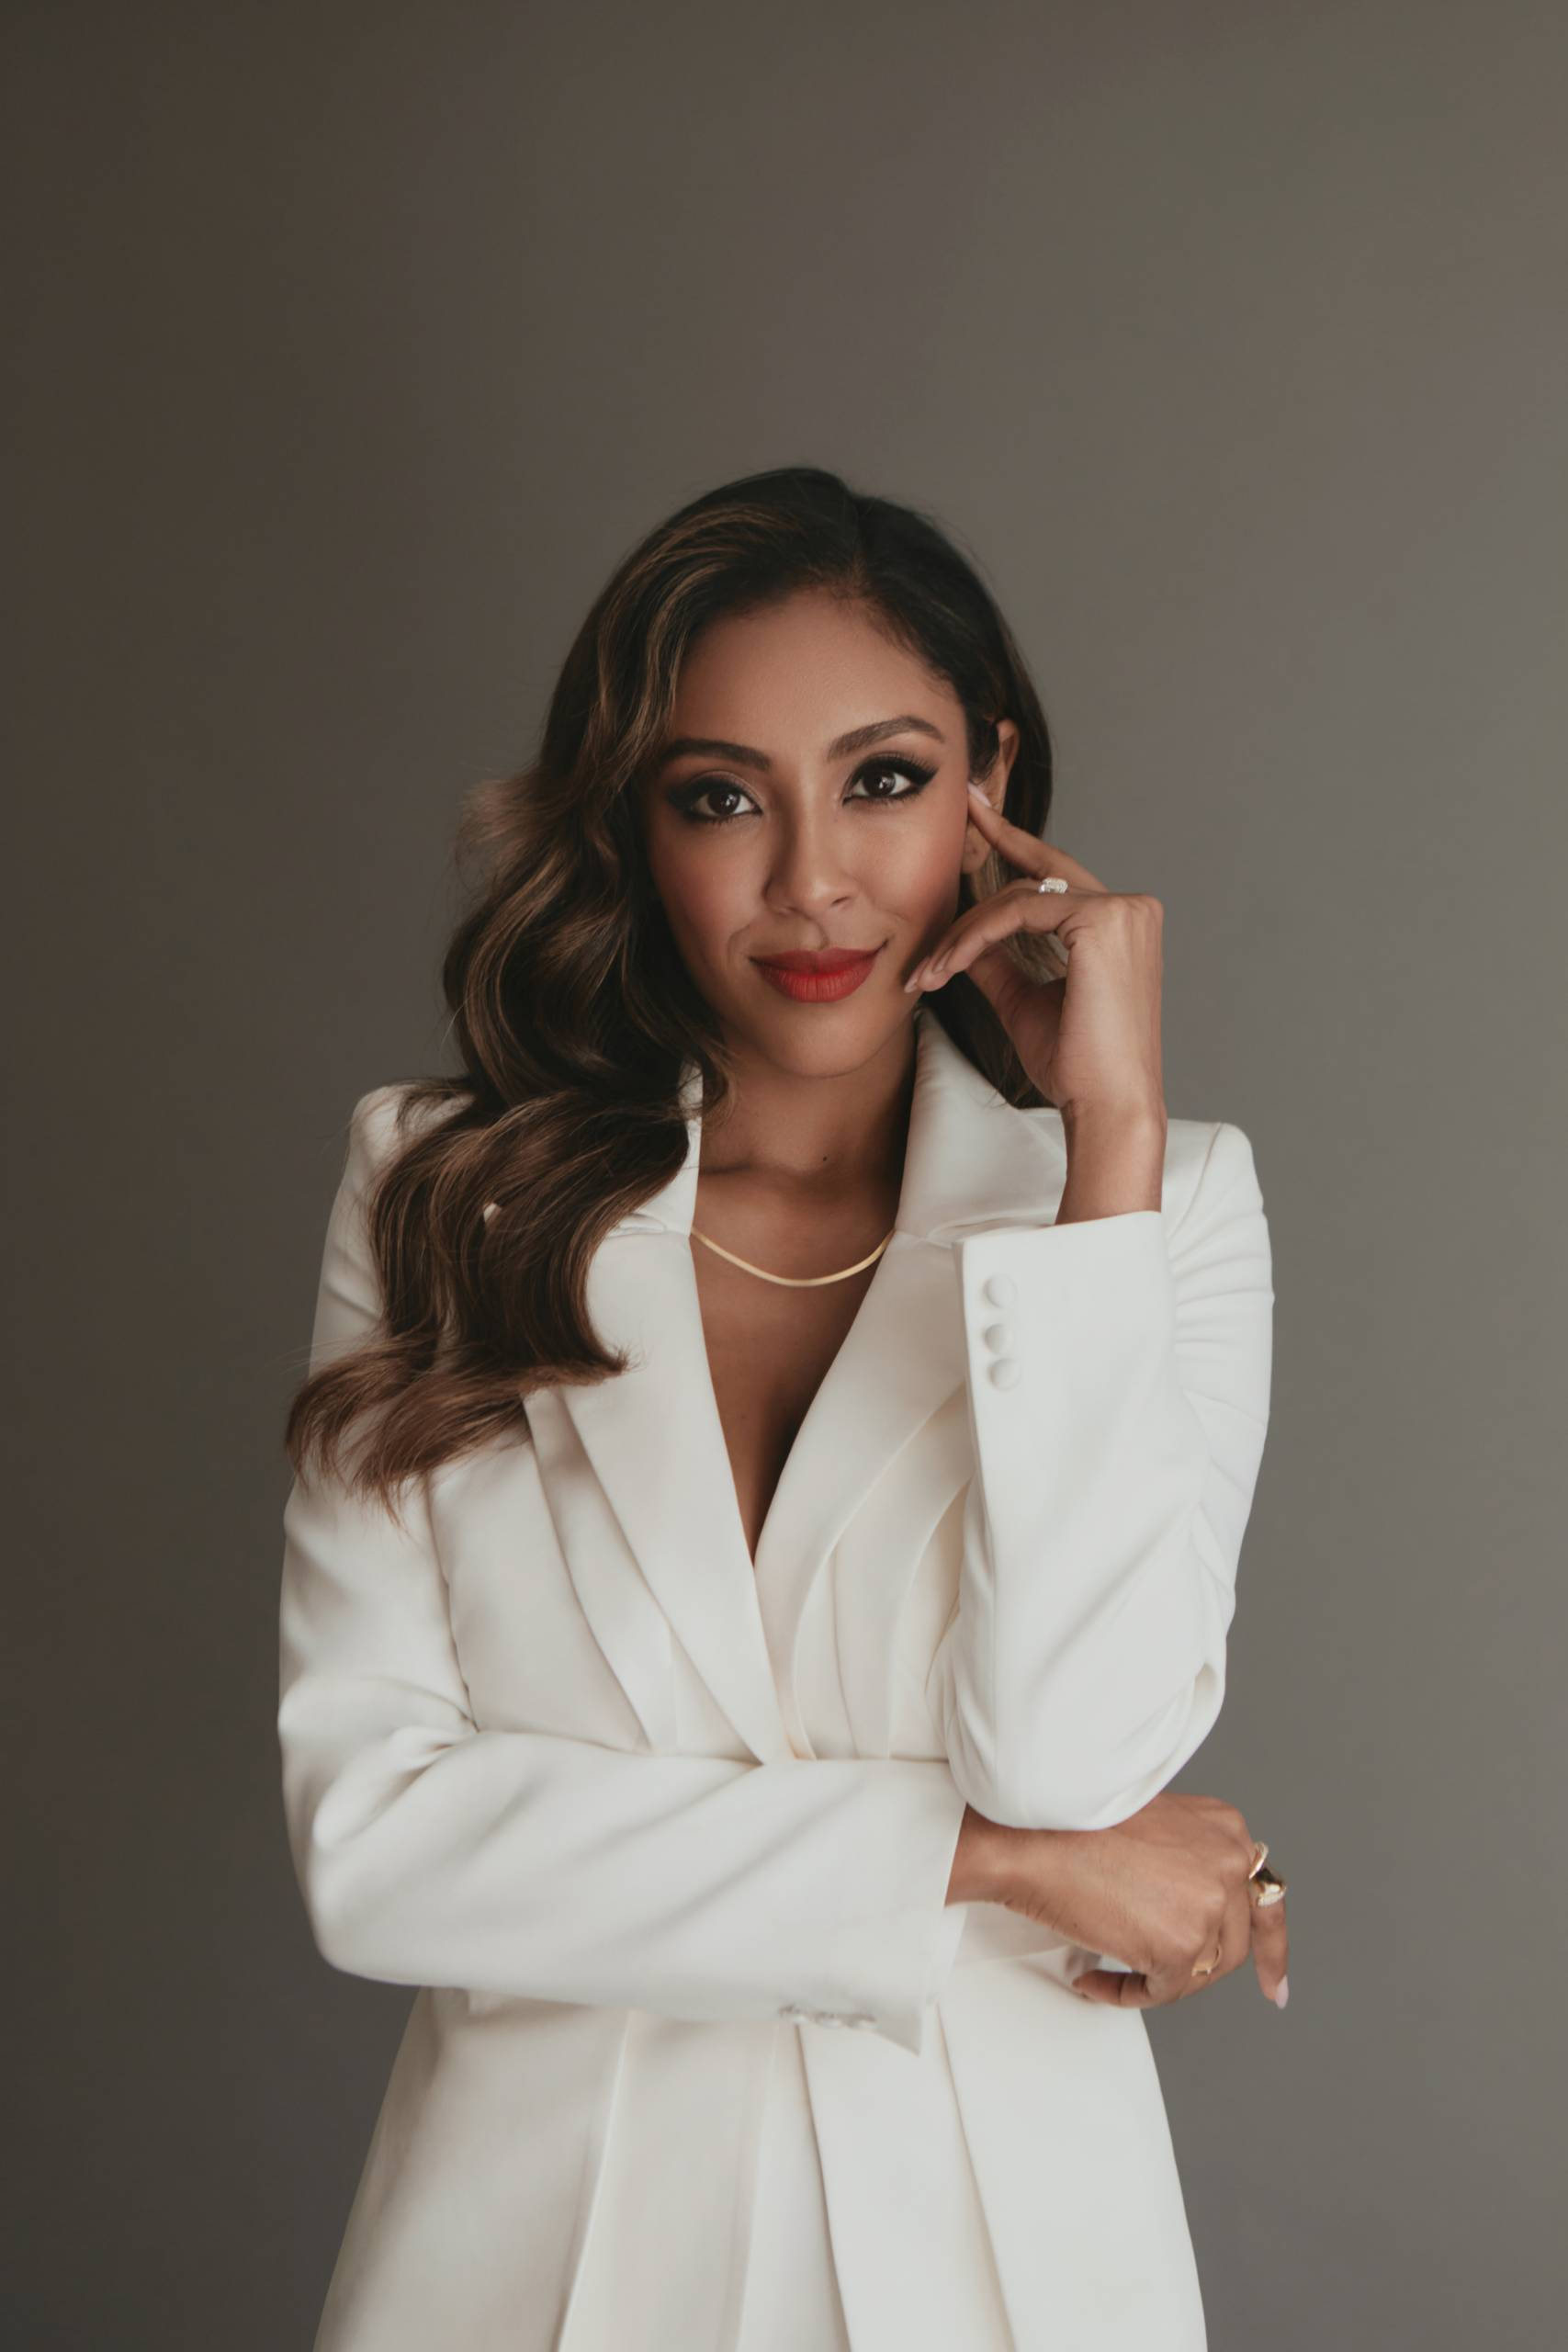 Tayshia Adams On Being The Bachelorette, Mental Health, BLM & More